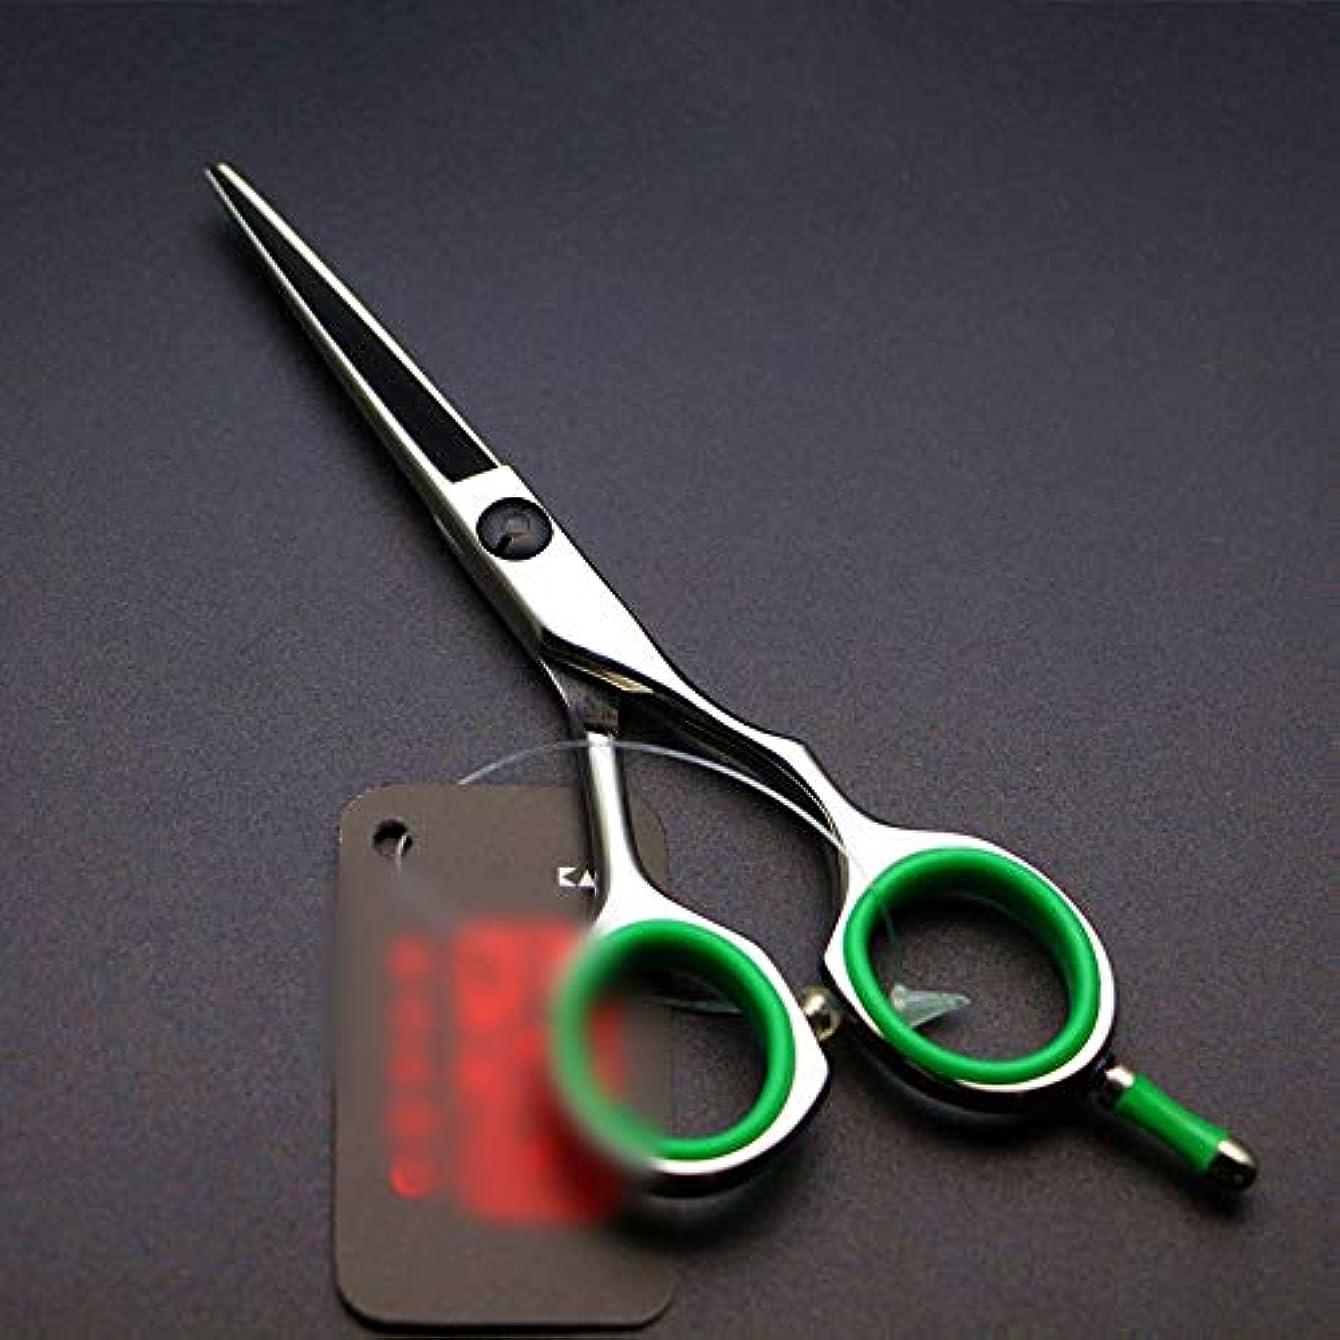 伝統奨励しますまたはどちらかWASAIO 小さなはさみ理髪真の髪間伐間伐歯のはさみプロの理容テクスチャーサロンレイザーエッジシザー5インチ (色 : オレンジ)